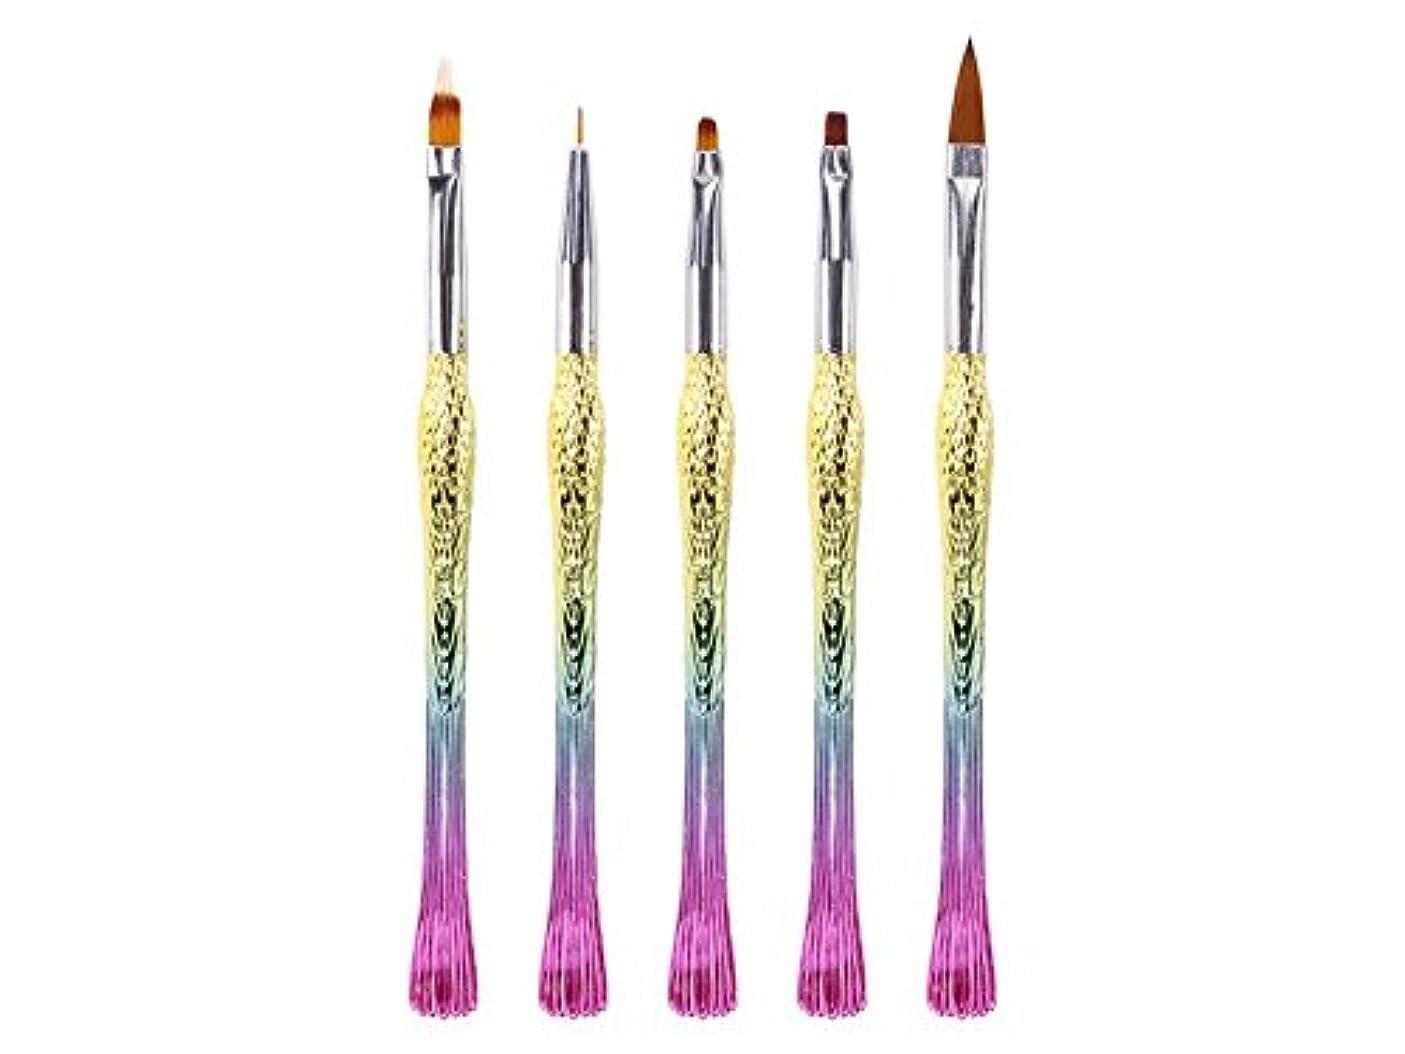 すべき銀河クレアOsize ネイルペンは、ペン刻まれたペンフィッシュペン鳥ペンリッチグラデーションペン(カラフル)